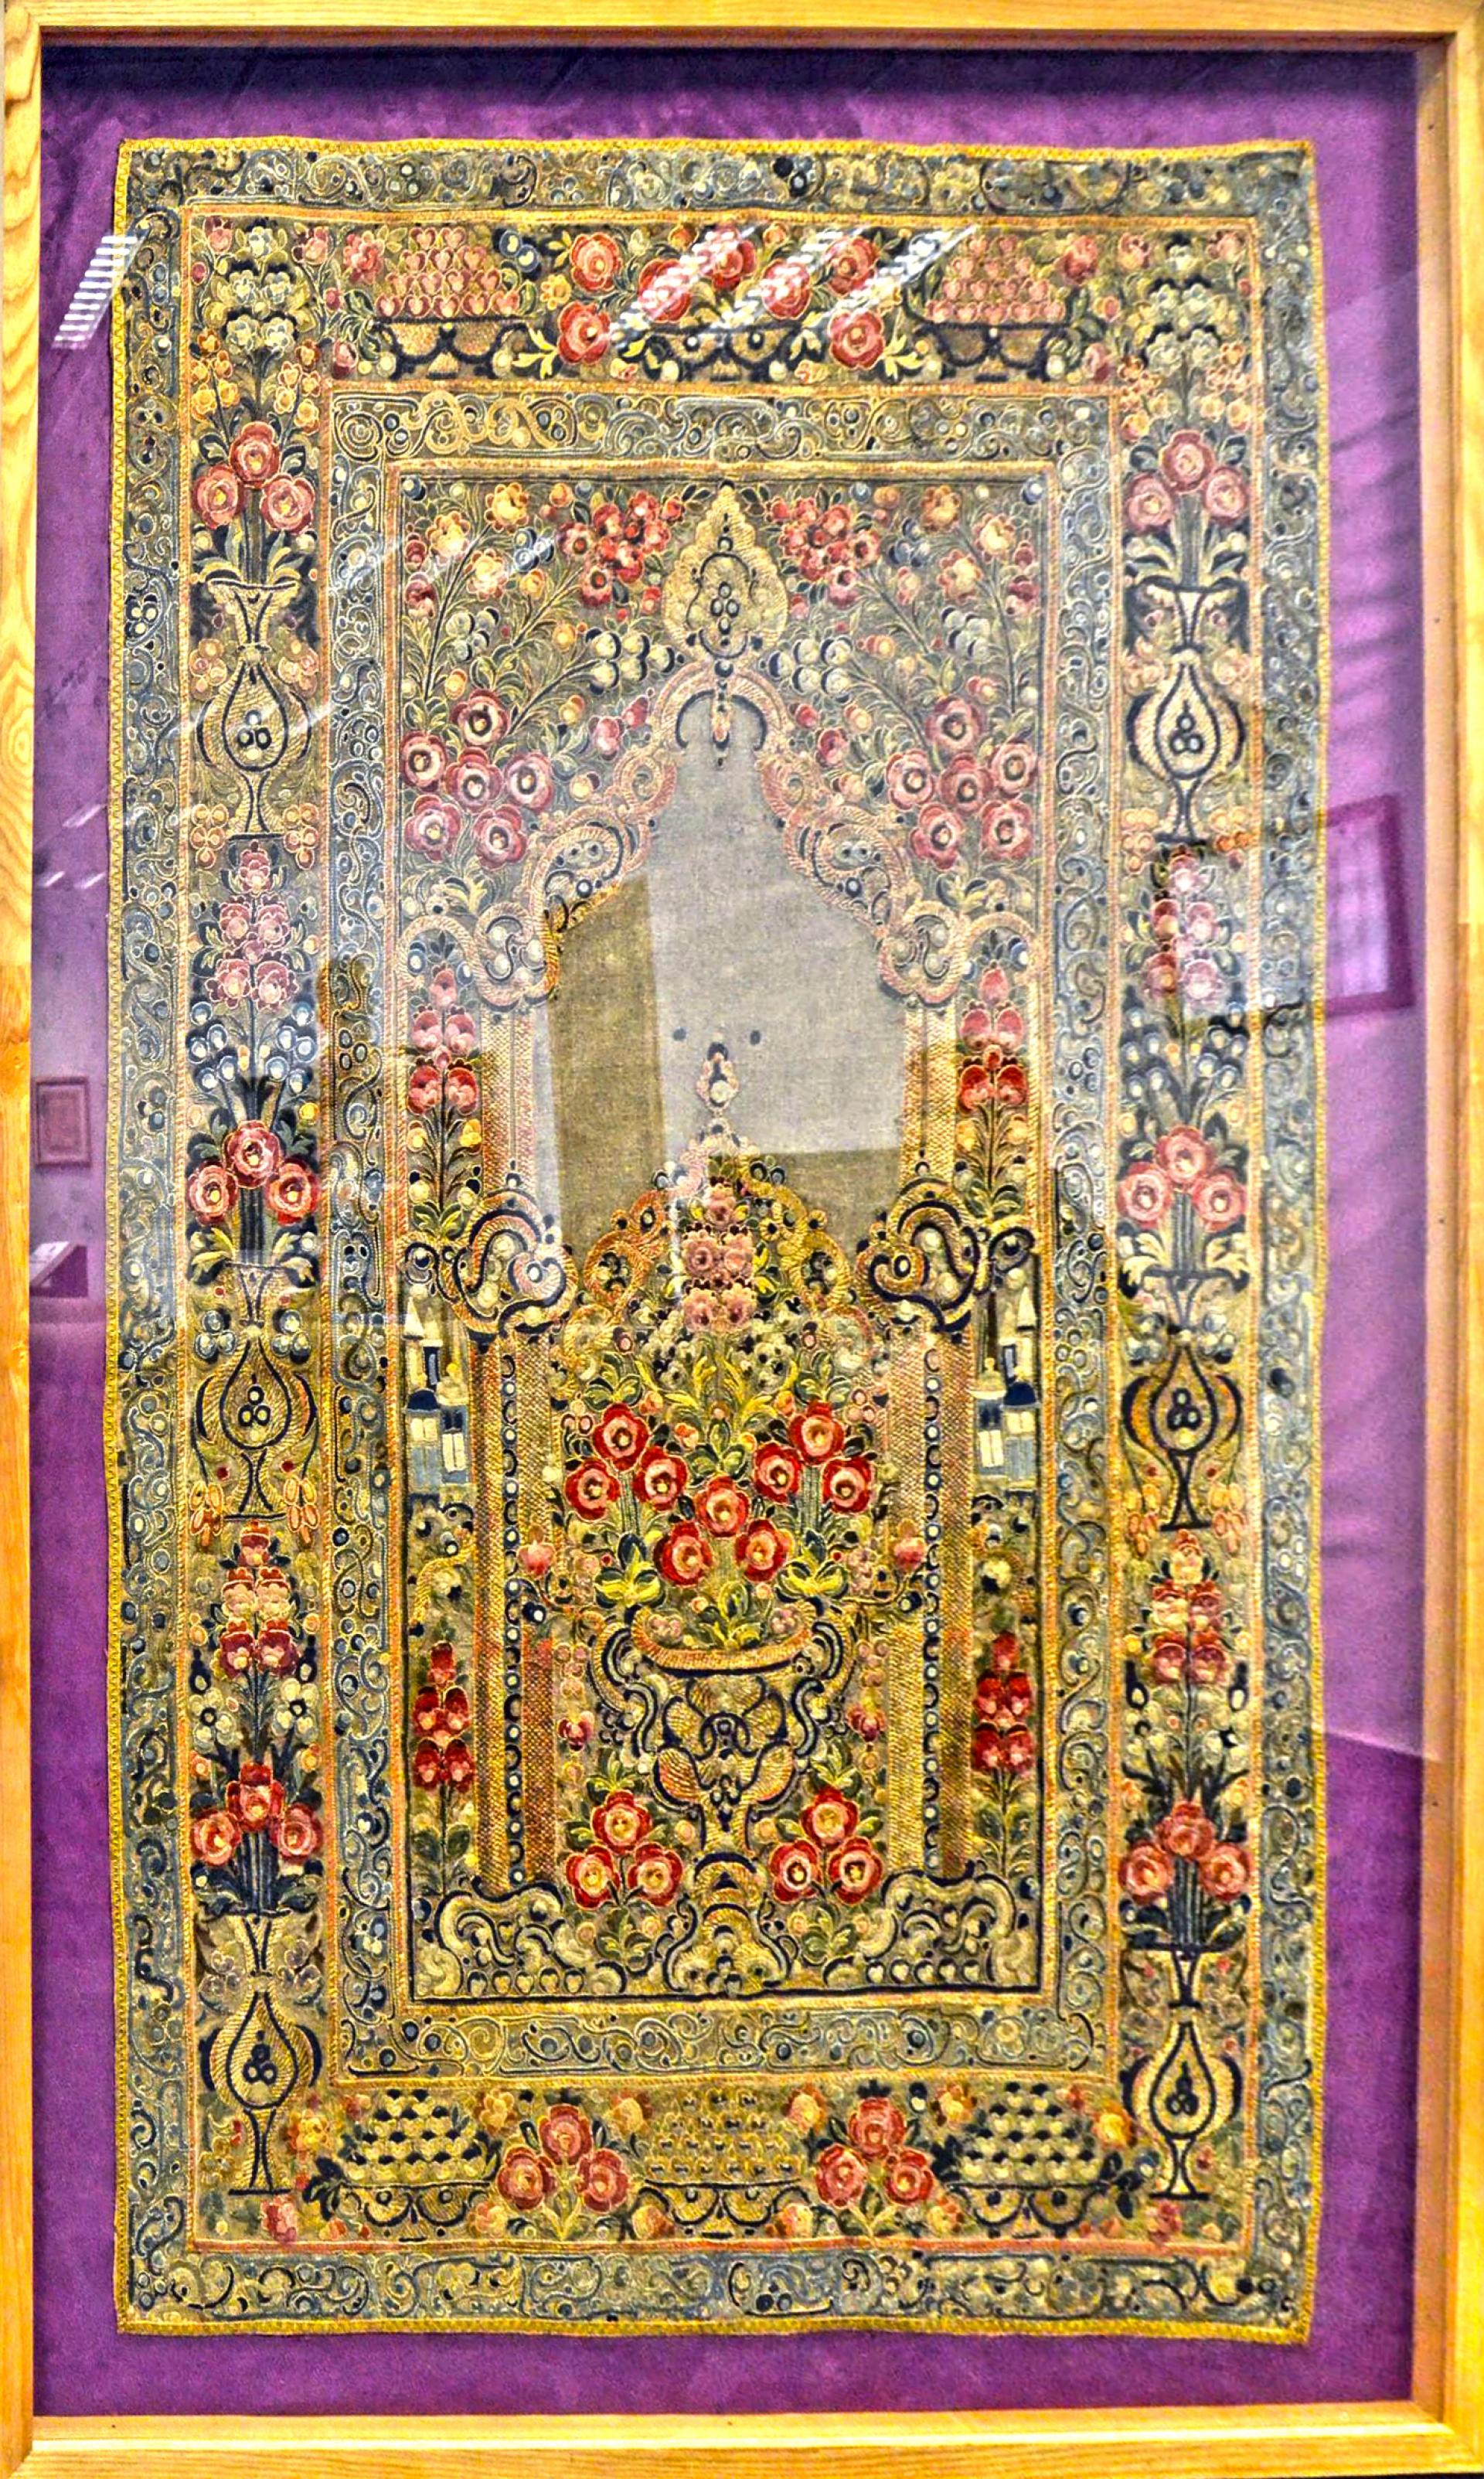 Banjalučka serdžada: Remek-djelo iz islamske umjetnosti bosanskog čovjeka